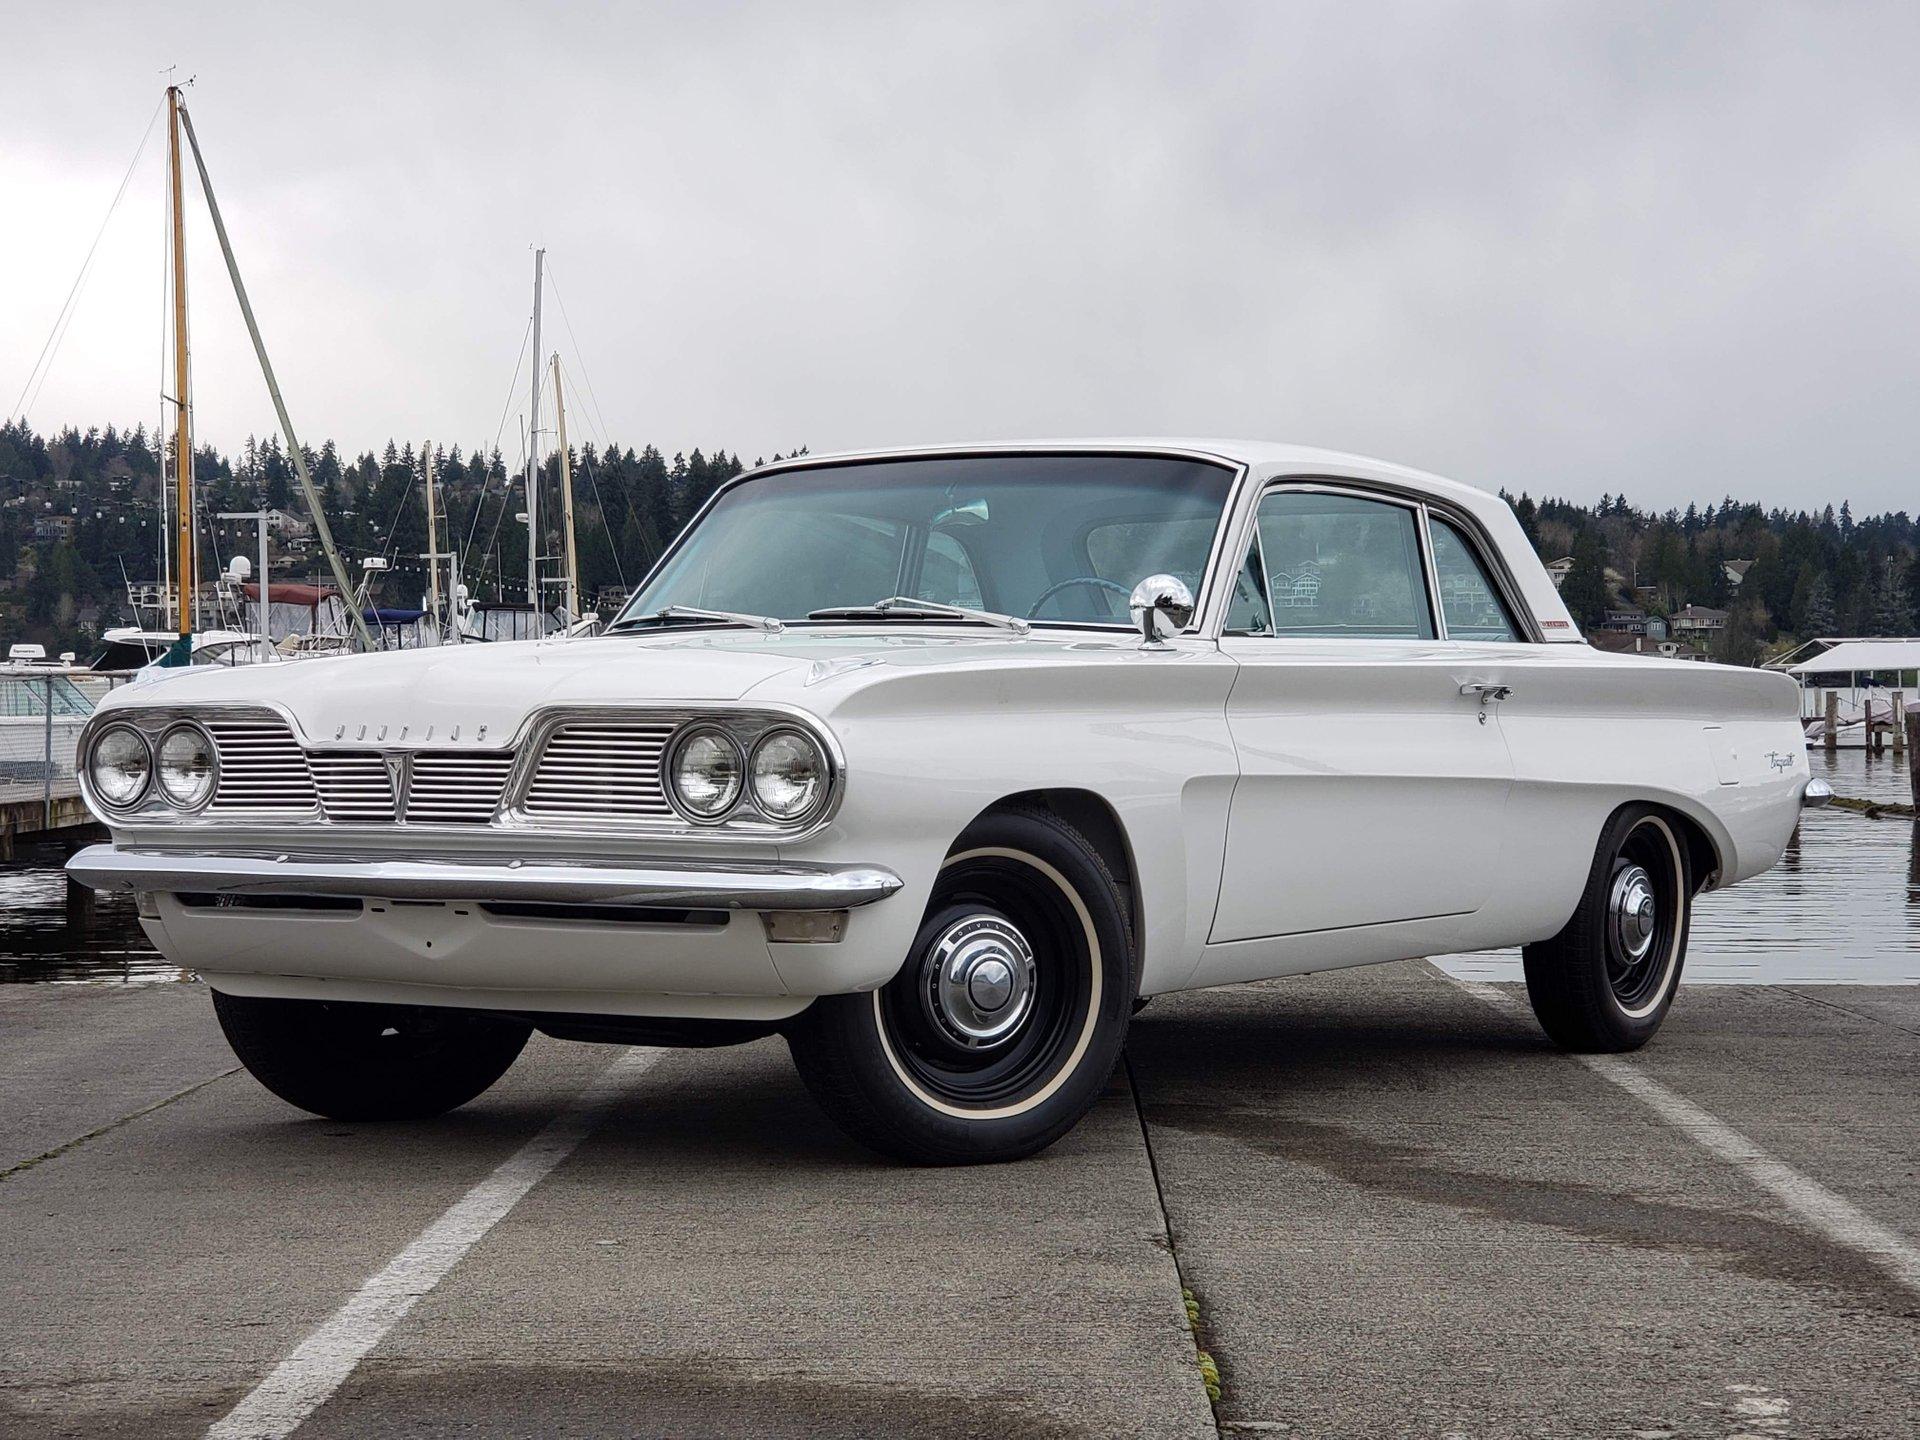 1962 pontiac lemans tempest coupe